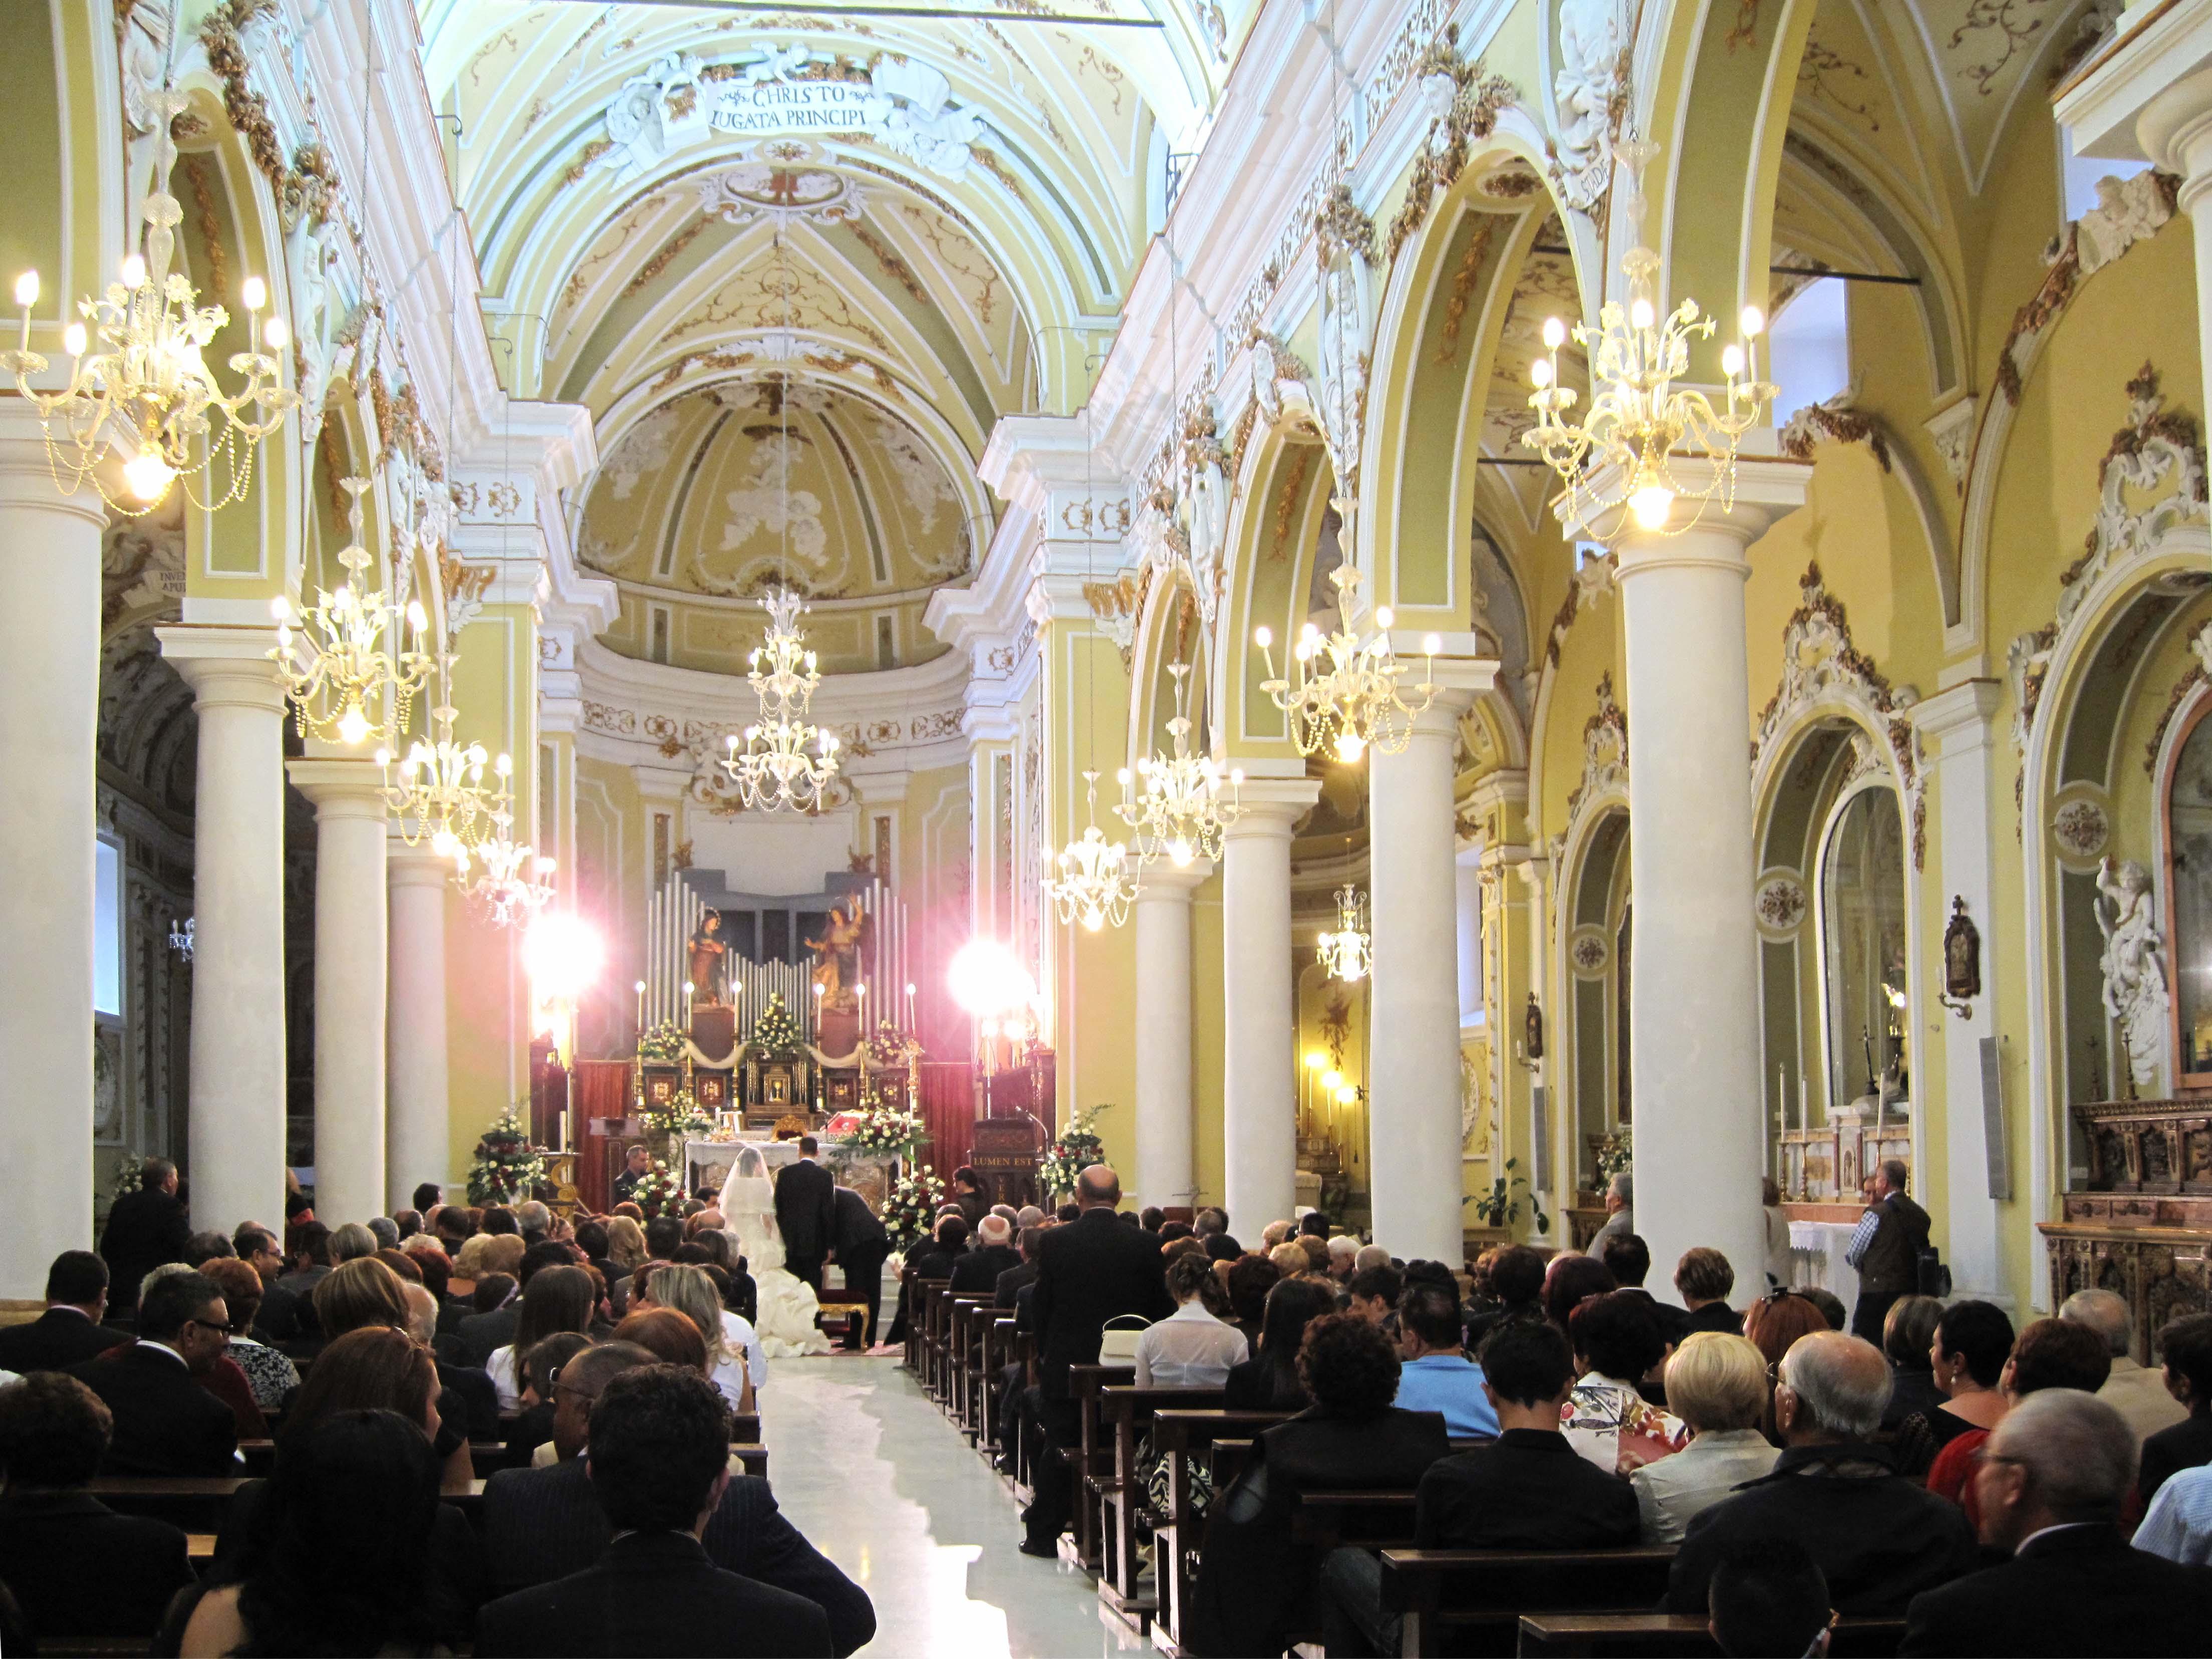 Matrimonio In Chiesa : Musiche matrimonio in chiesa questo il programma perfetto